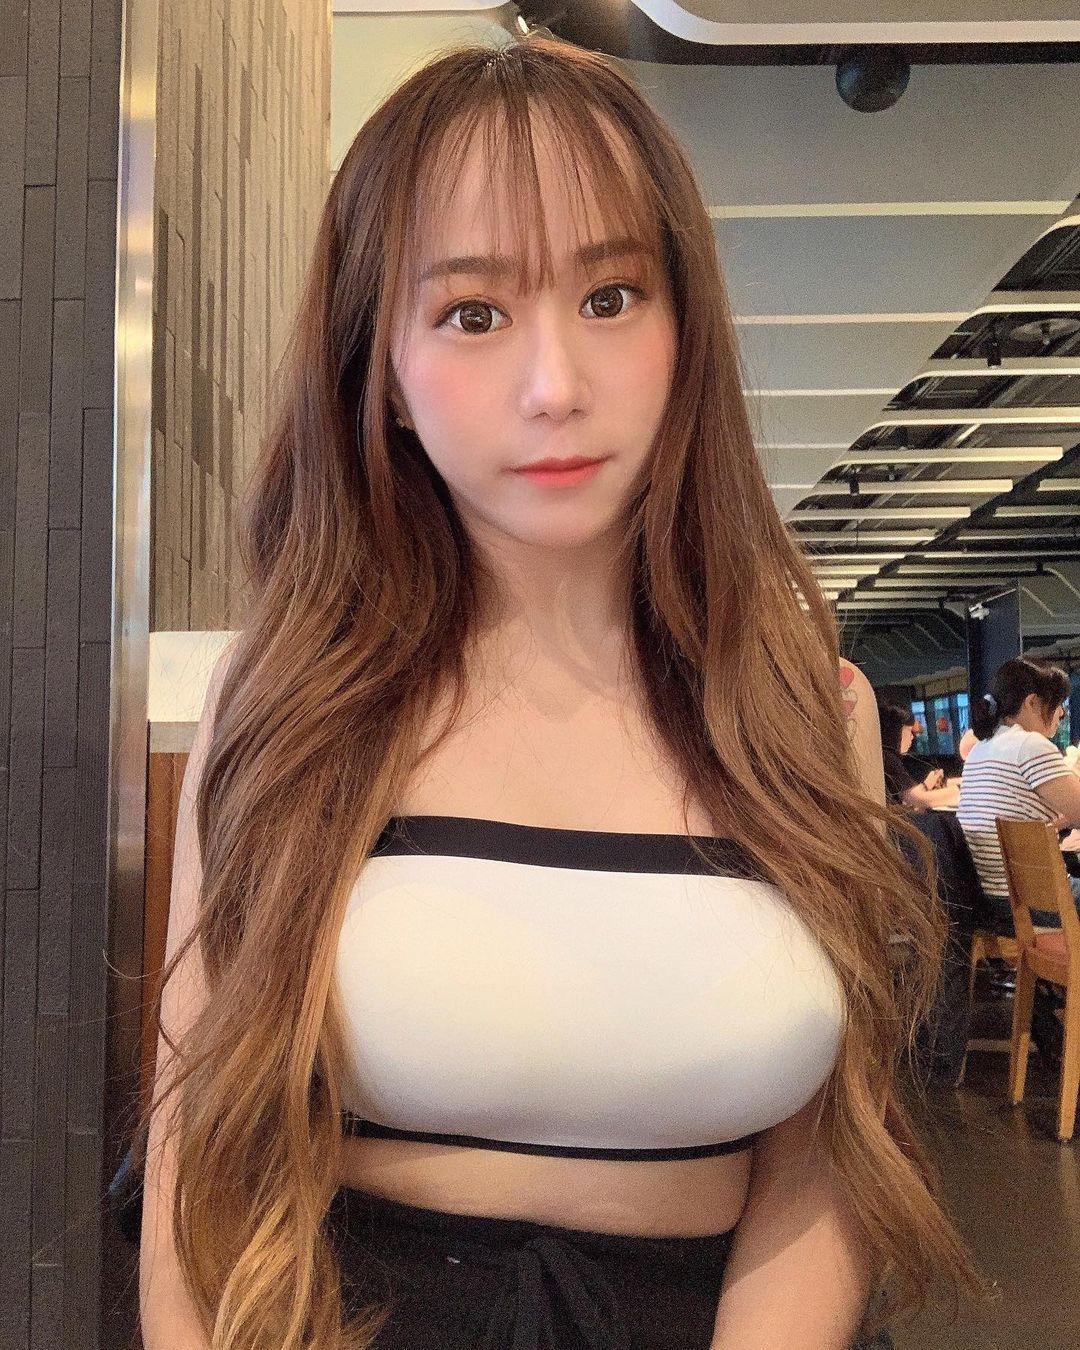 性感发型设计洪小榆火辣身材太诱惑 吃瓜基地 第2张